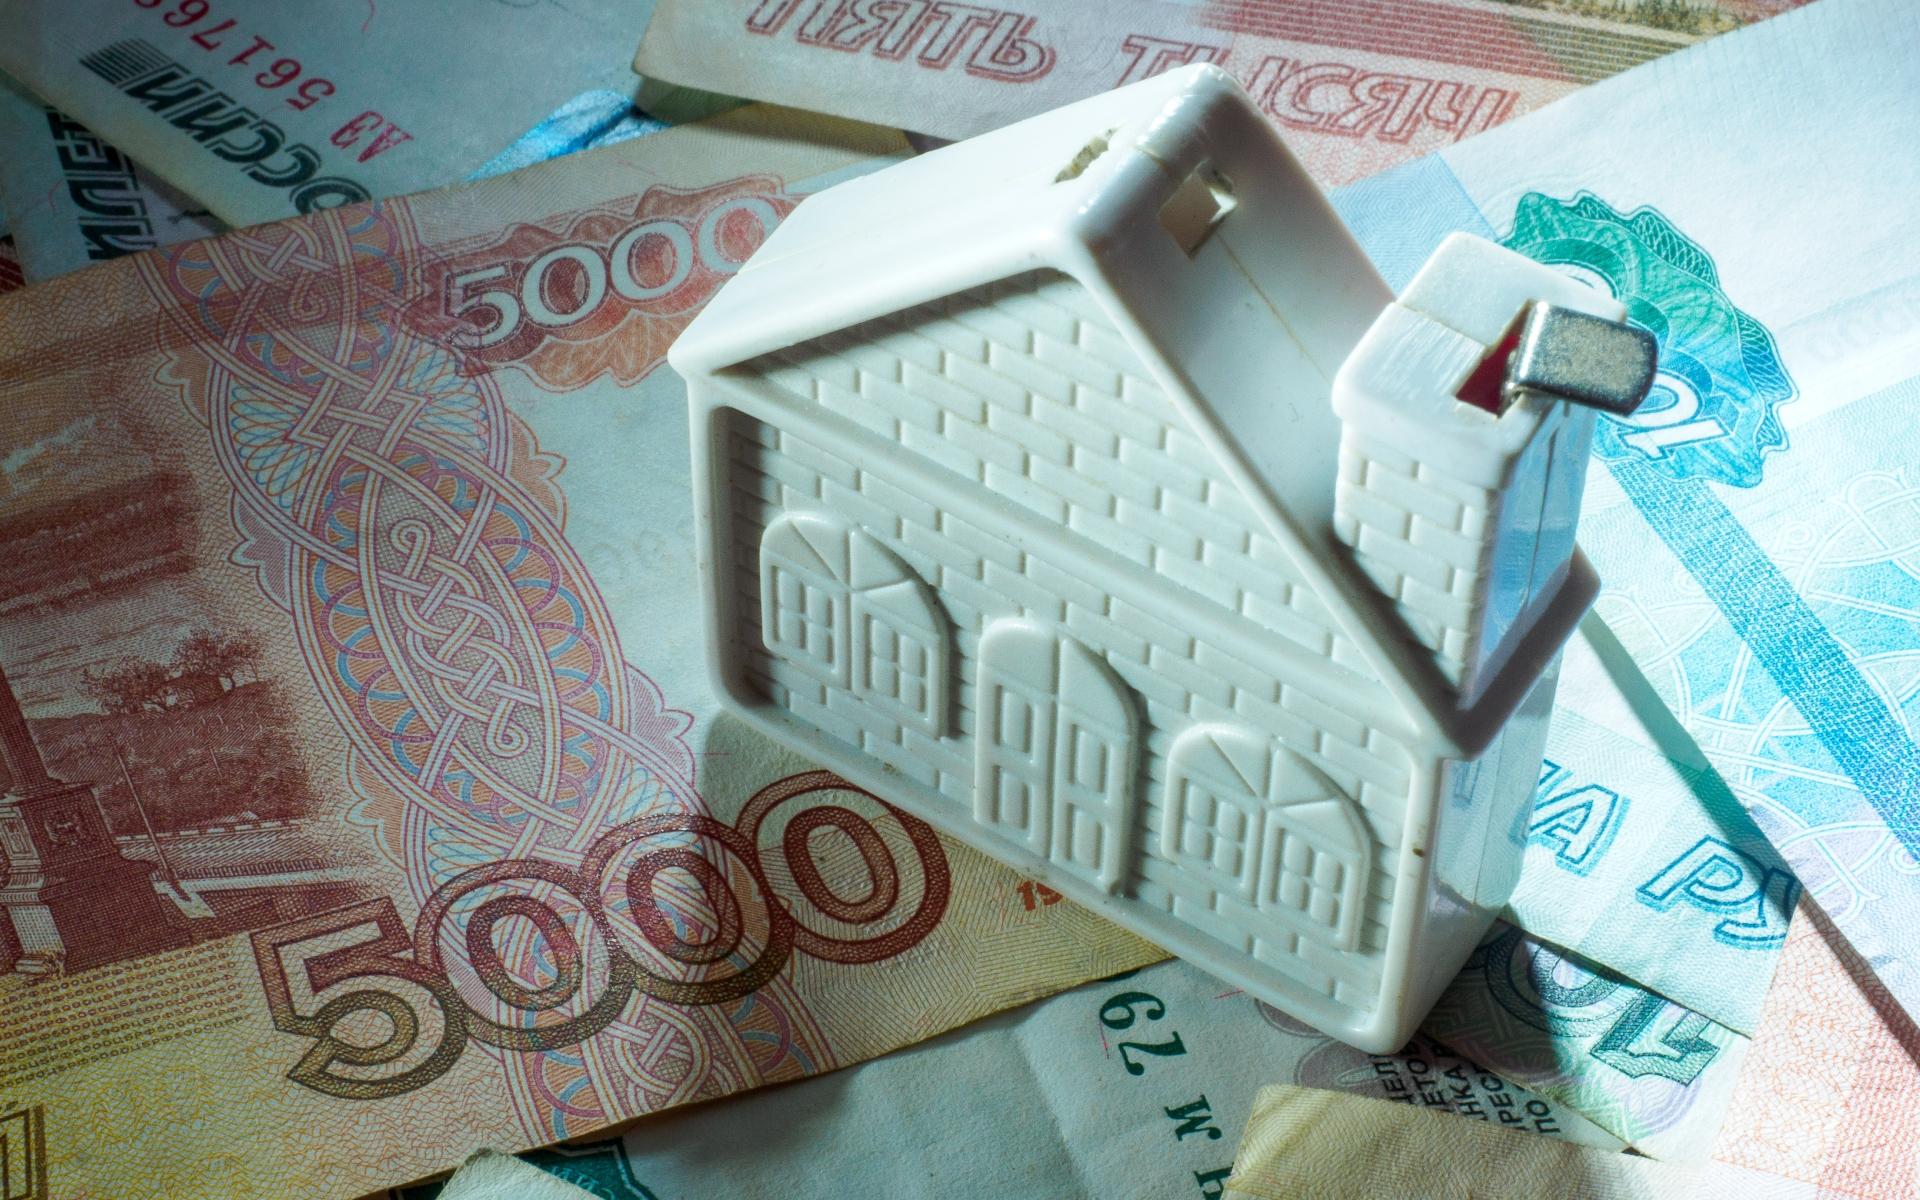 В первом полугодии 2021 года на первичном рынке России заключено 409 тыс. ДДУ. Это на 53% больше показателя аналогичного периода прошлого года